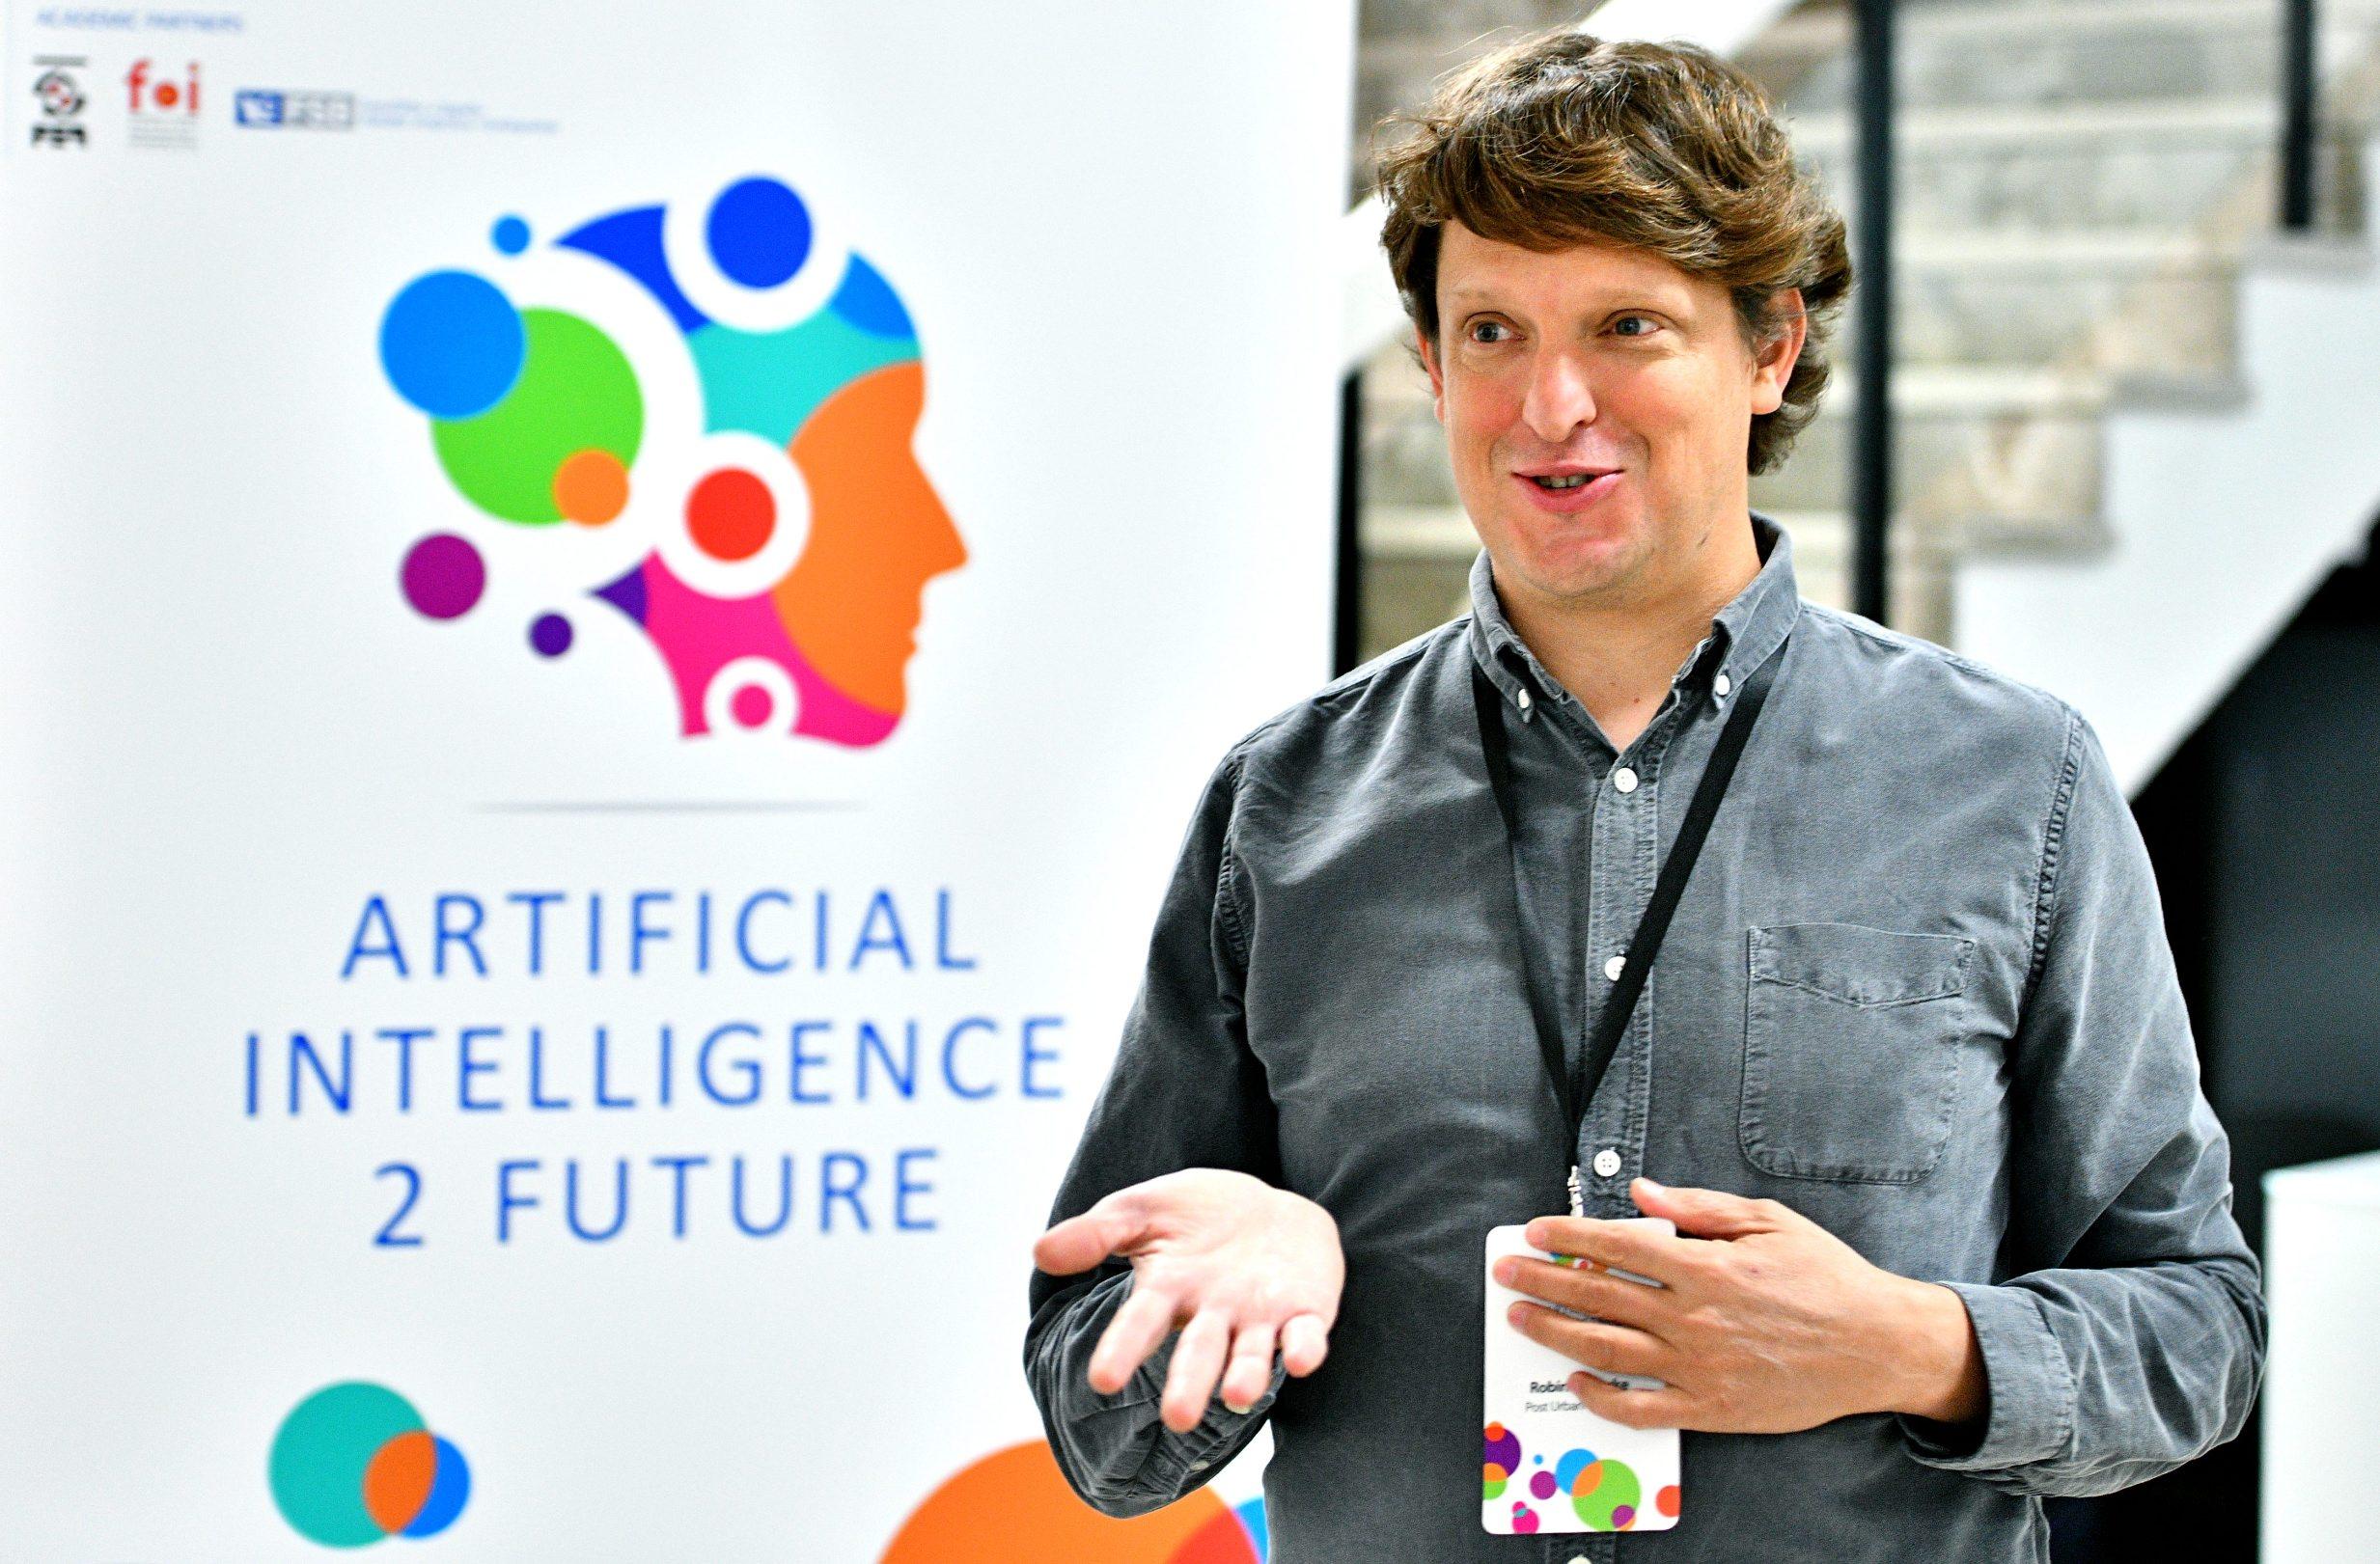 Zagreb, 111019. Kras auditorium. Intervju Luke Robinson, akademski strucnjak i znanstvenik na podrucju Eticke umjetne inteligencije. Foto: Srdjan Vrancic / CROPIX